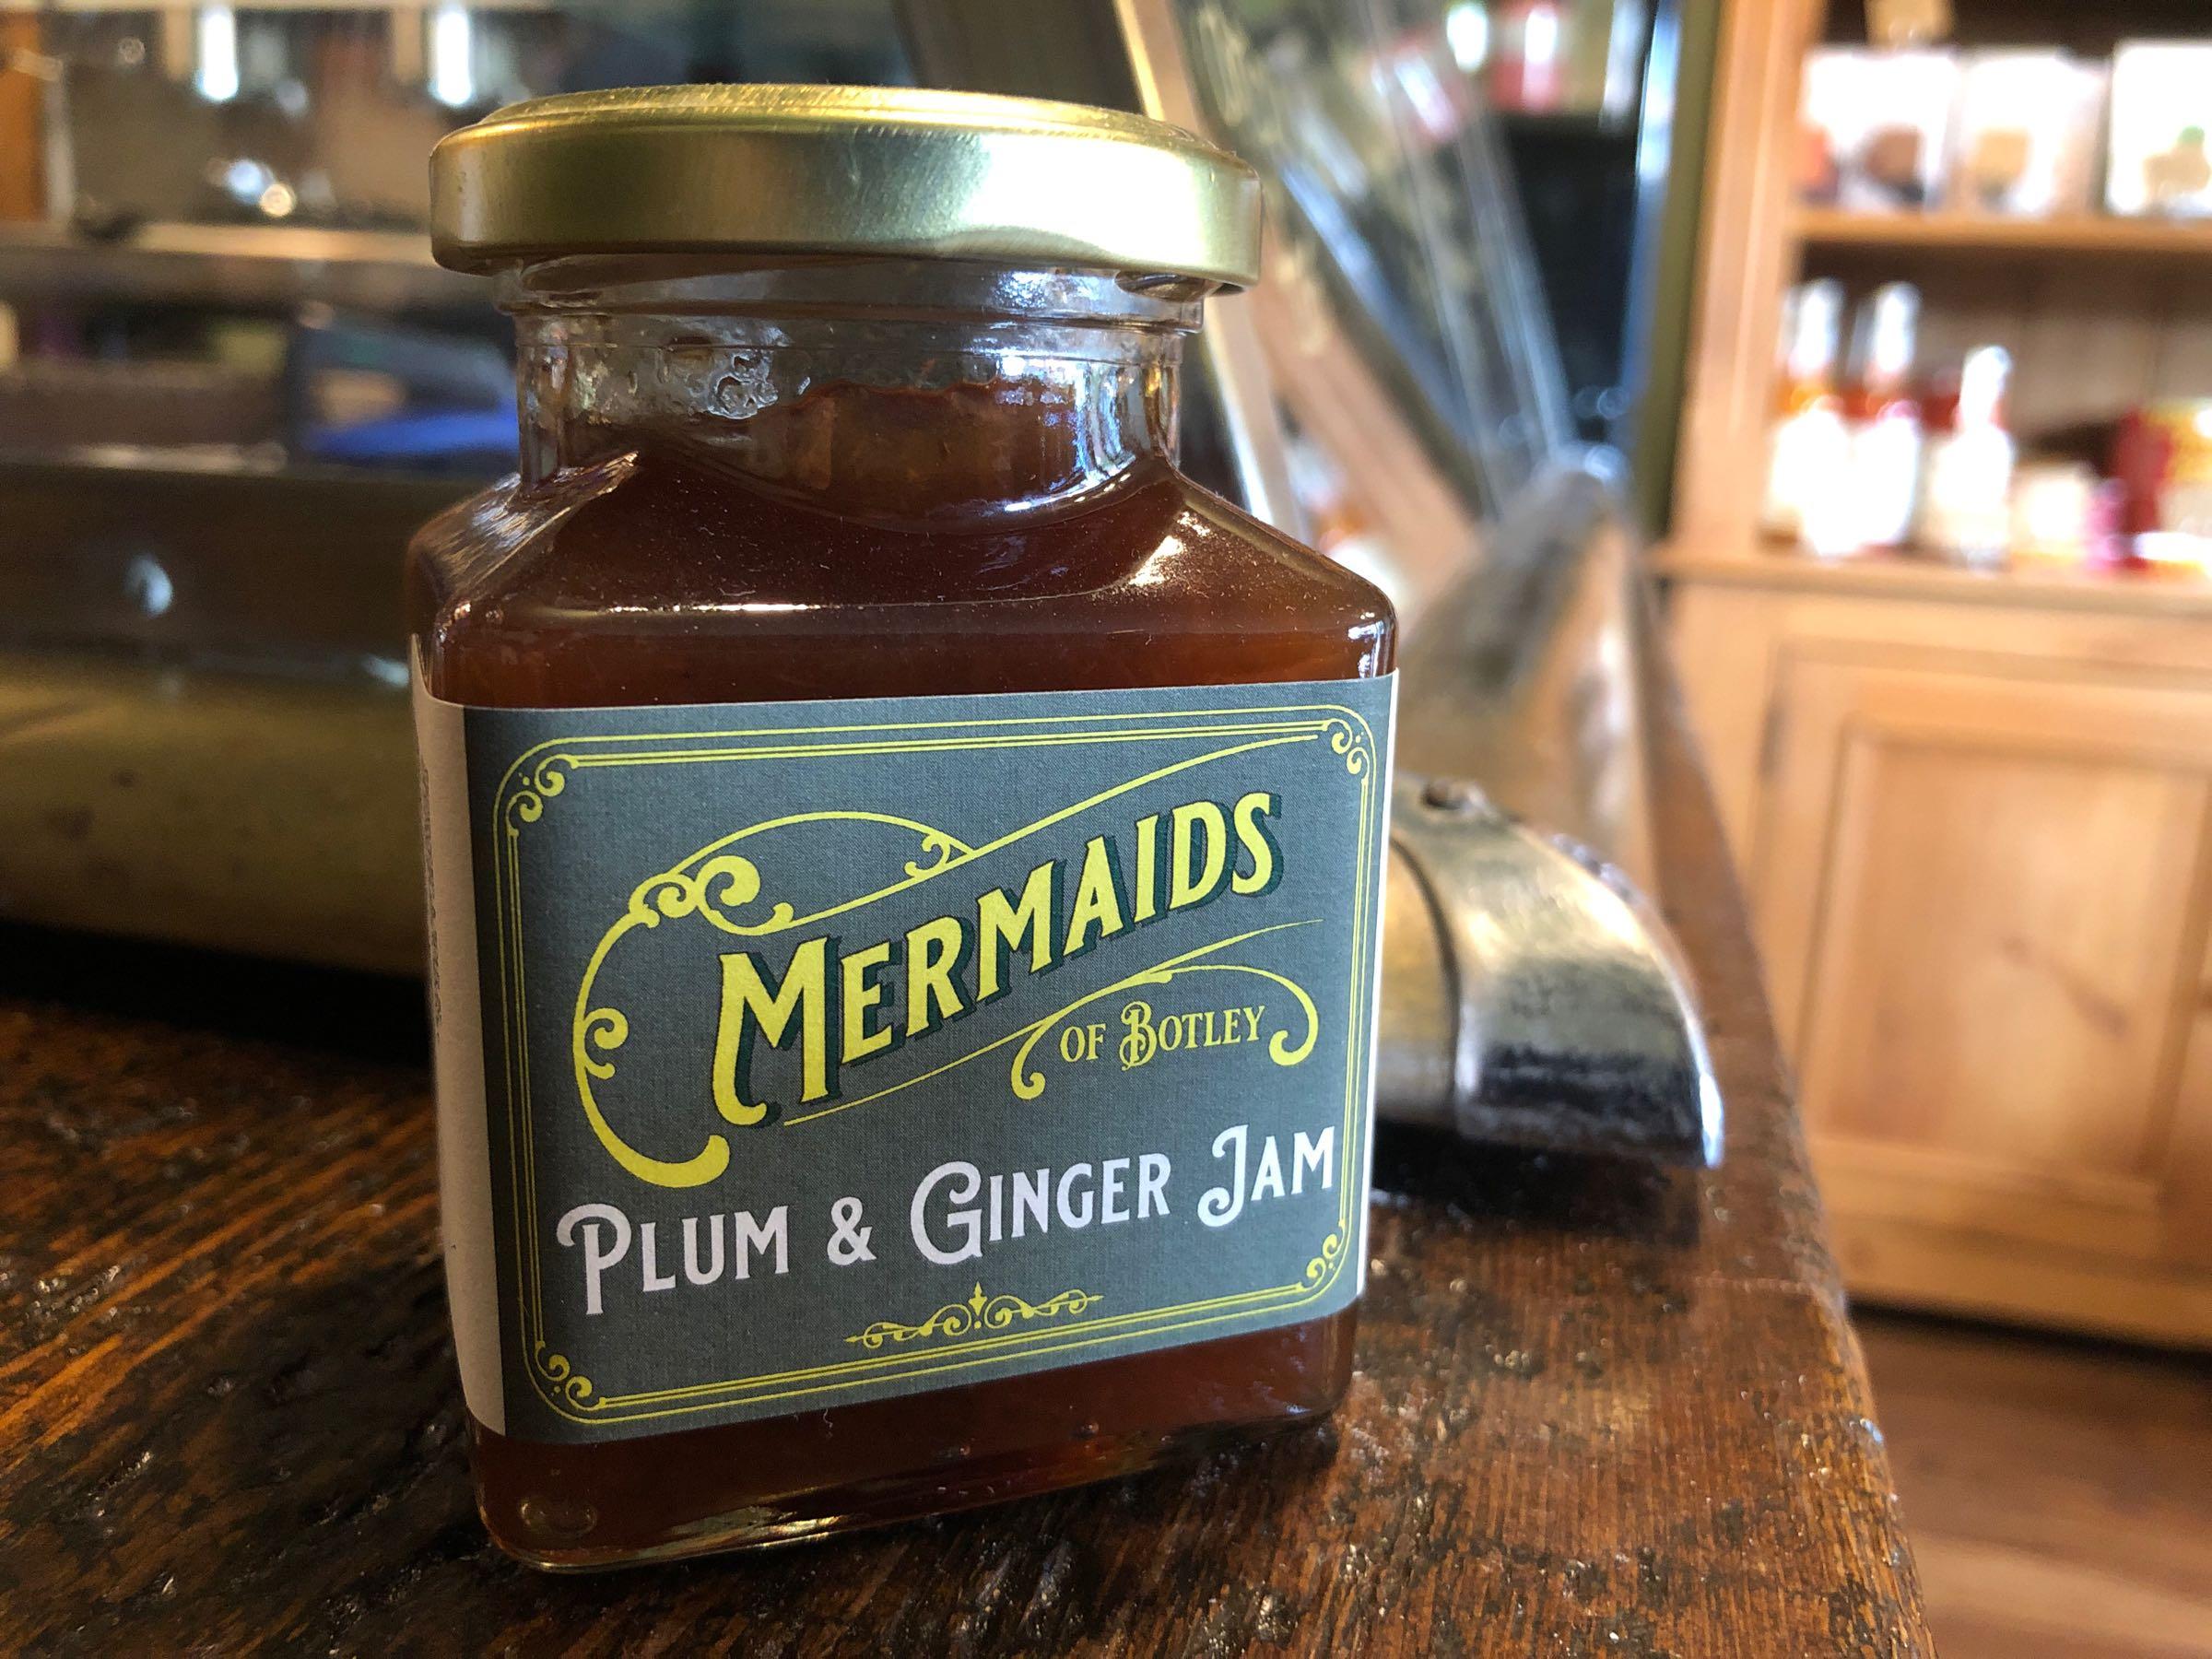 Plum&Ginger Jam